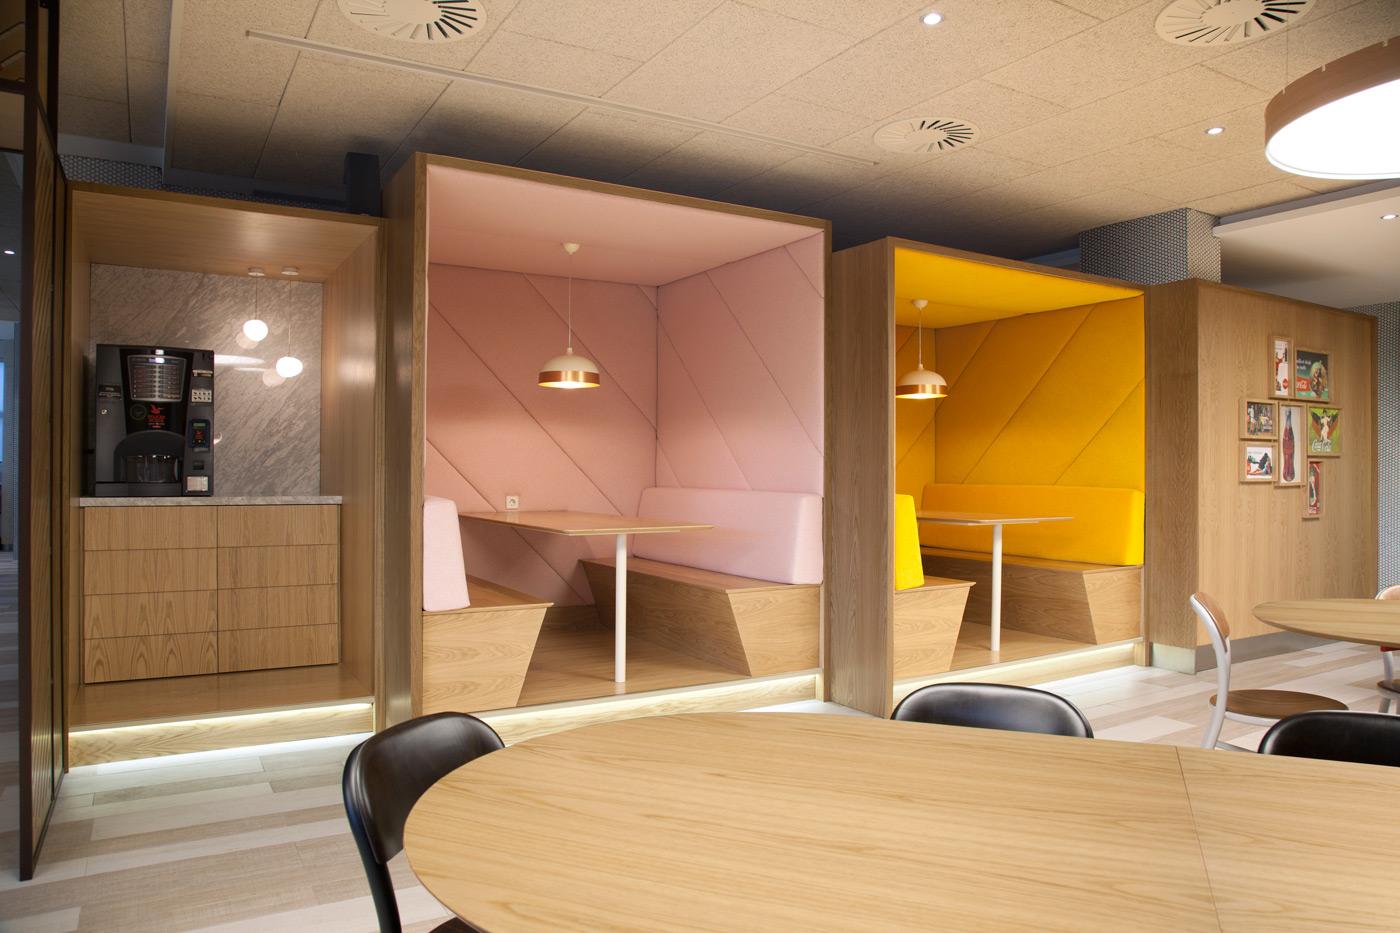 Oficinas centrales de cocacola en madrid cocacola inaugura for Oficinas de iberia